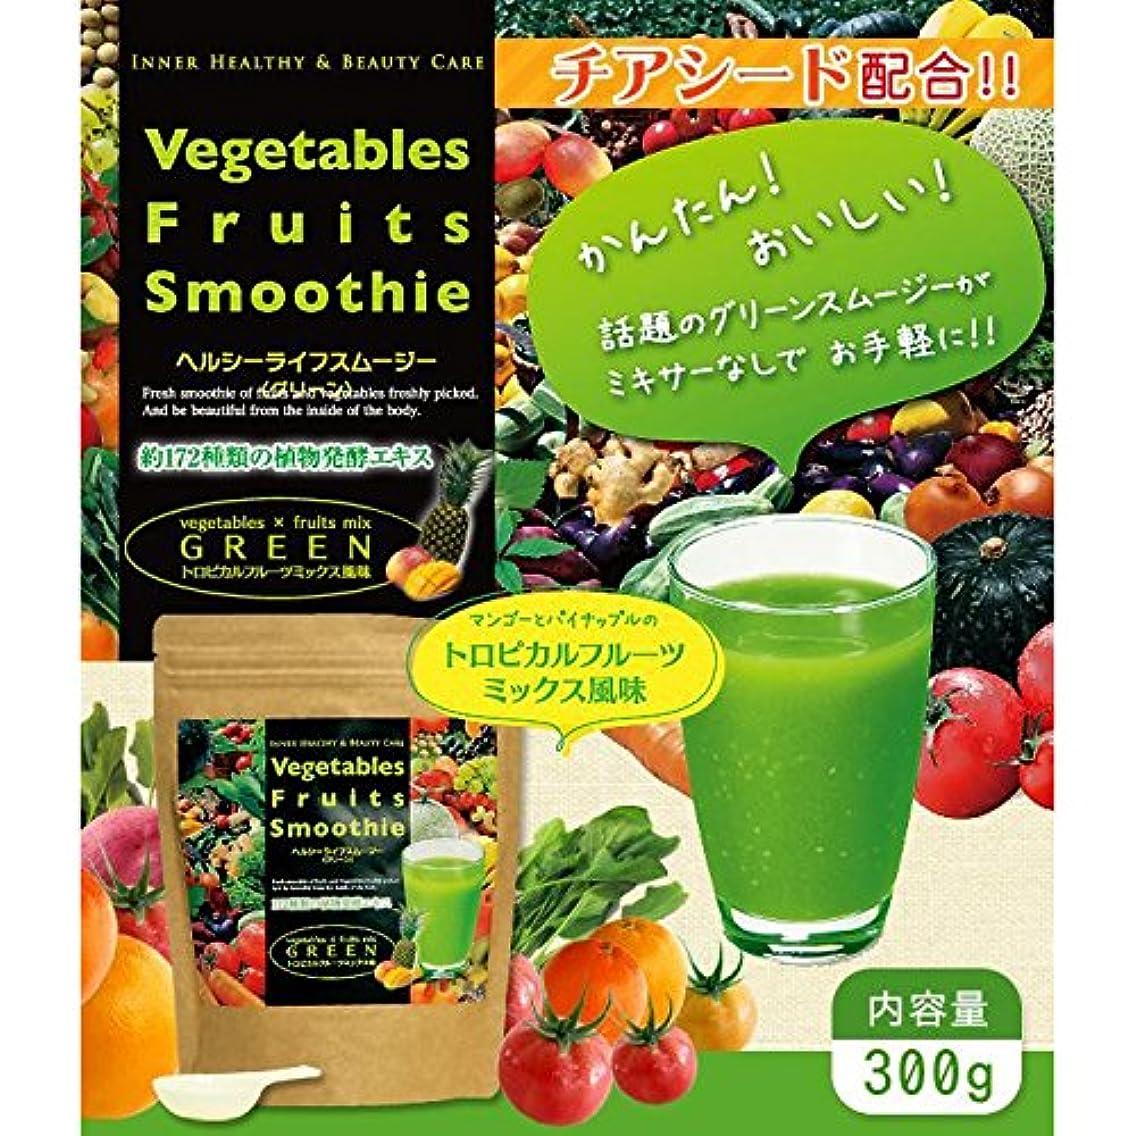 コンペジェット説明的Vegetables Fruits Smoothie ヘルシーライフスムージー(グリーン)トロピカルフルーツミックス味 300g 日本製